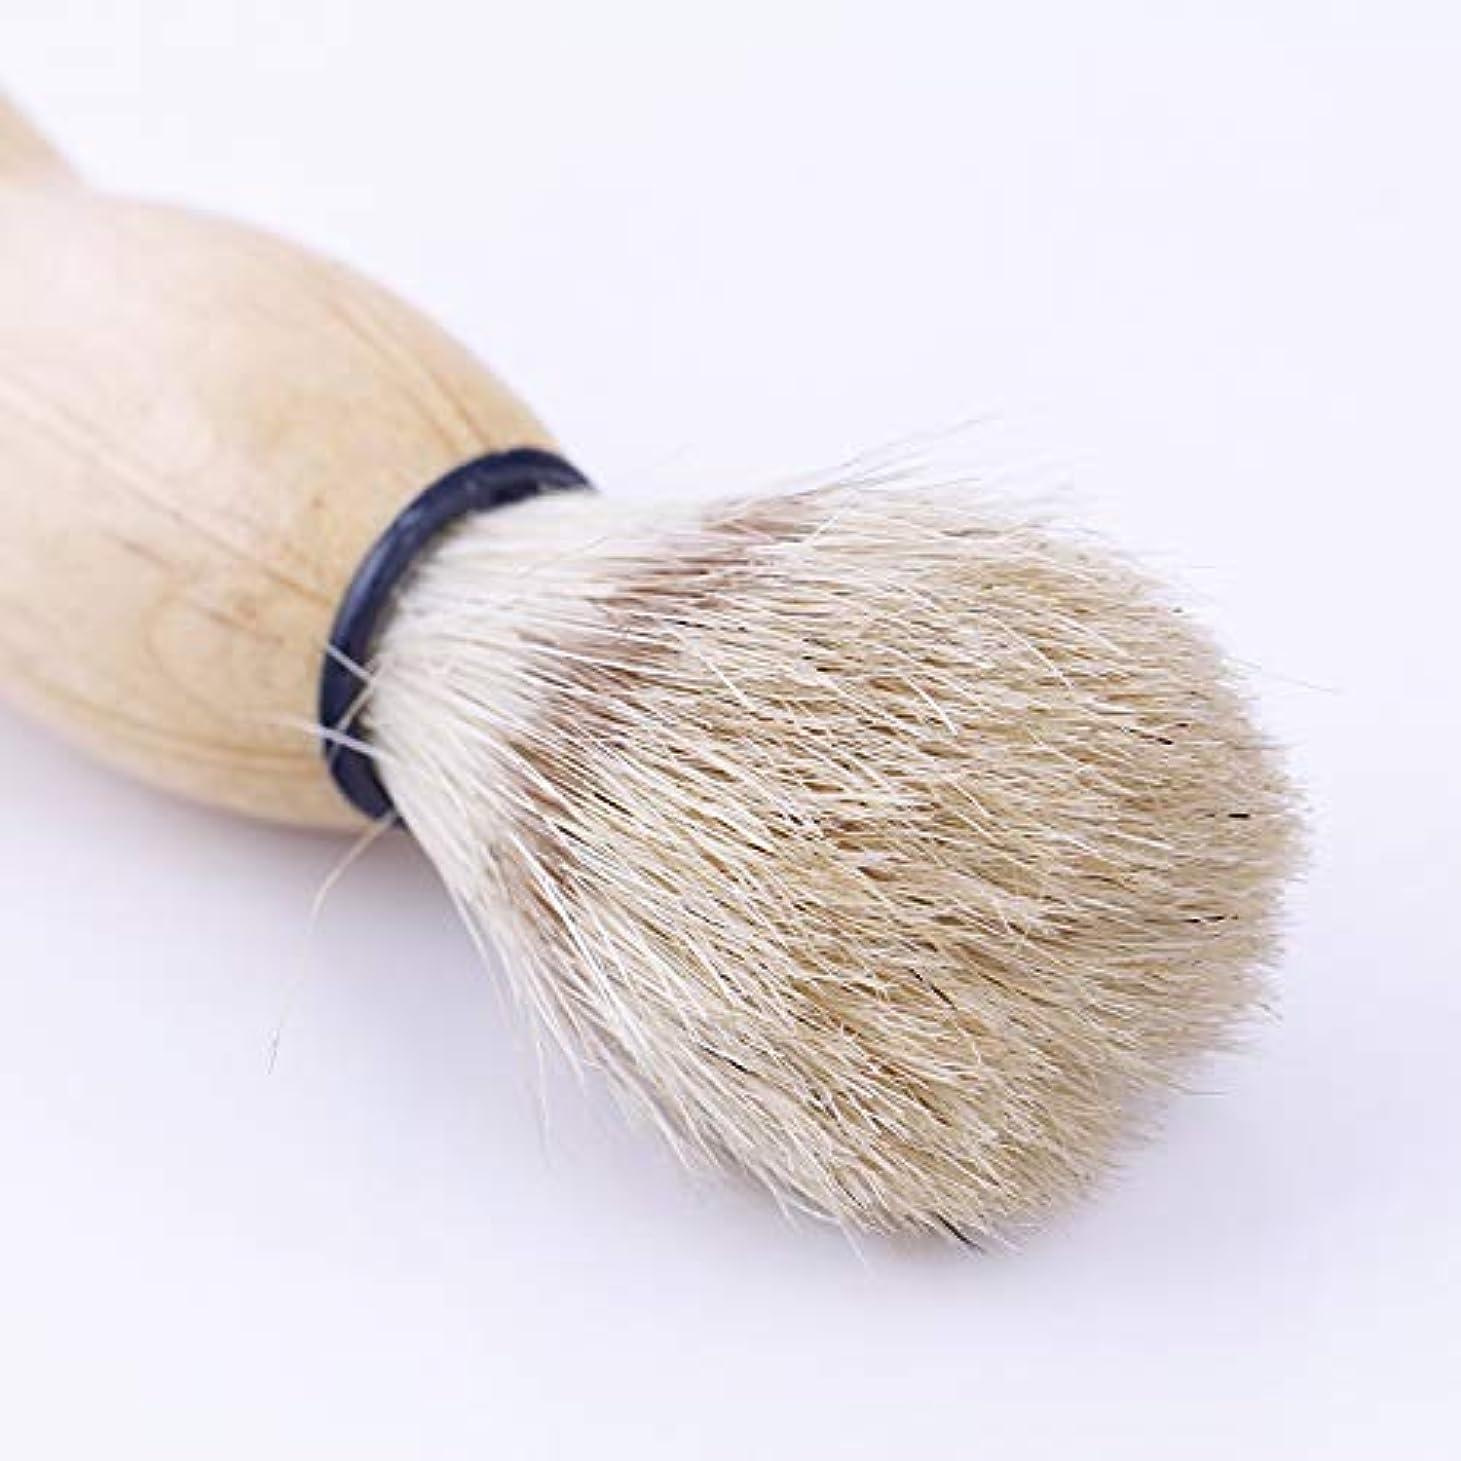 組立突進変位SMTHOME シェービング用ブラシ メンズ 100% ウール毛 理容 洗顔 髭剃り 泡立ち